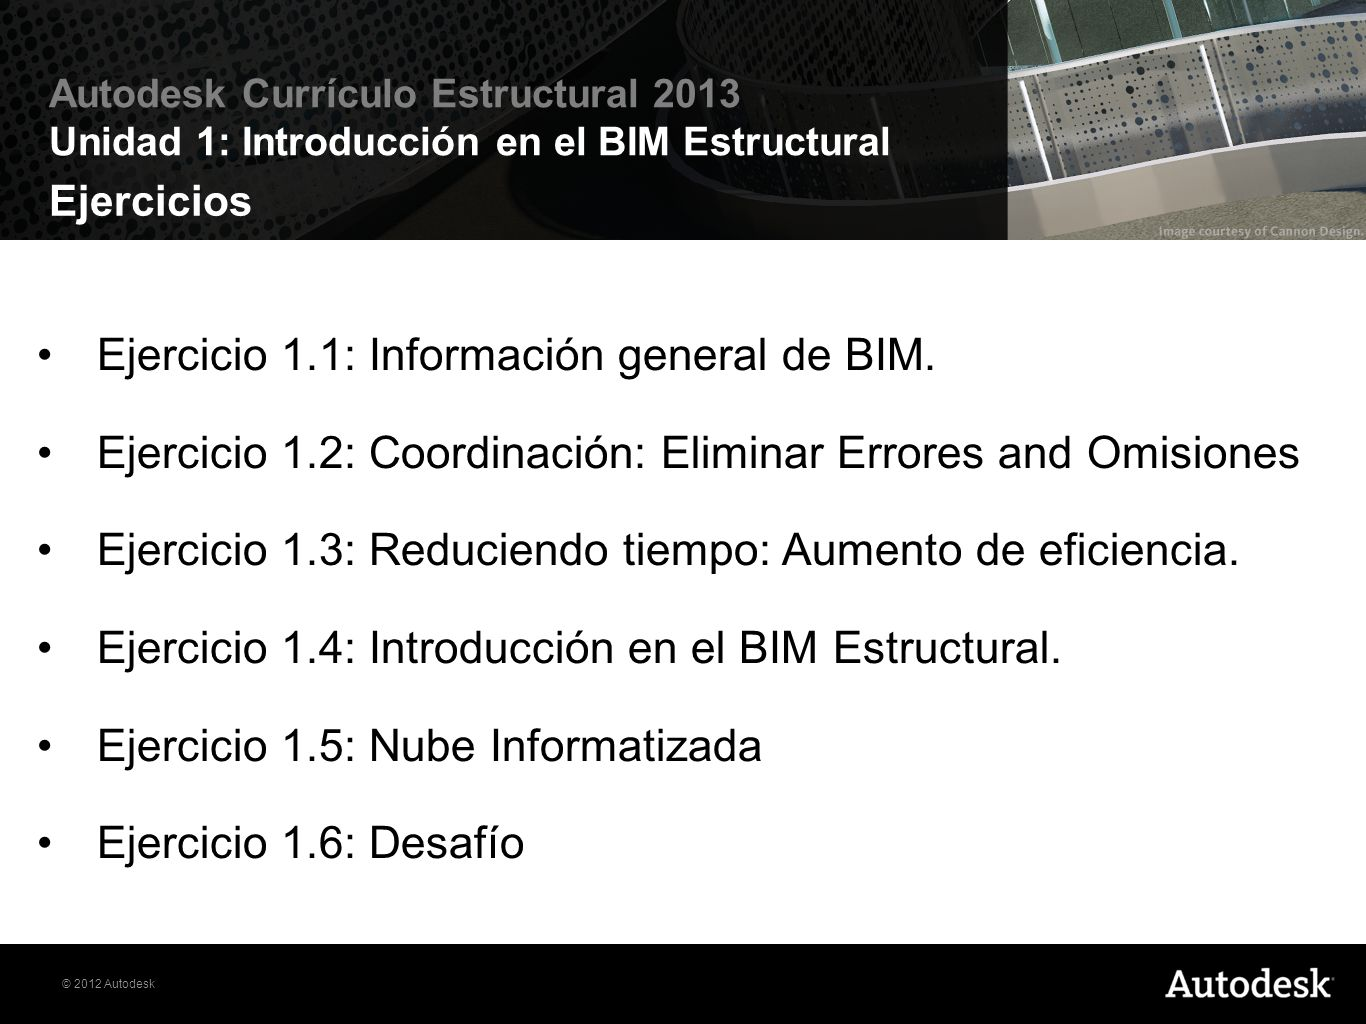 © 2012 Autodesk Autodesk Currículo Estructural 2013 Unidad 1: Introducción en el BIM Estructural Ejercicios Ejercicio 1.1: Información general de BIM.